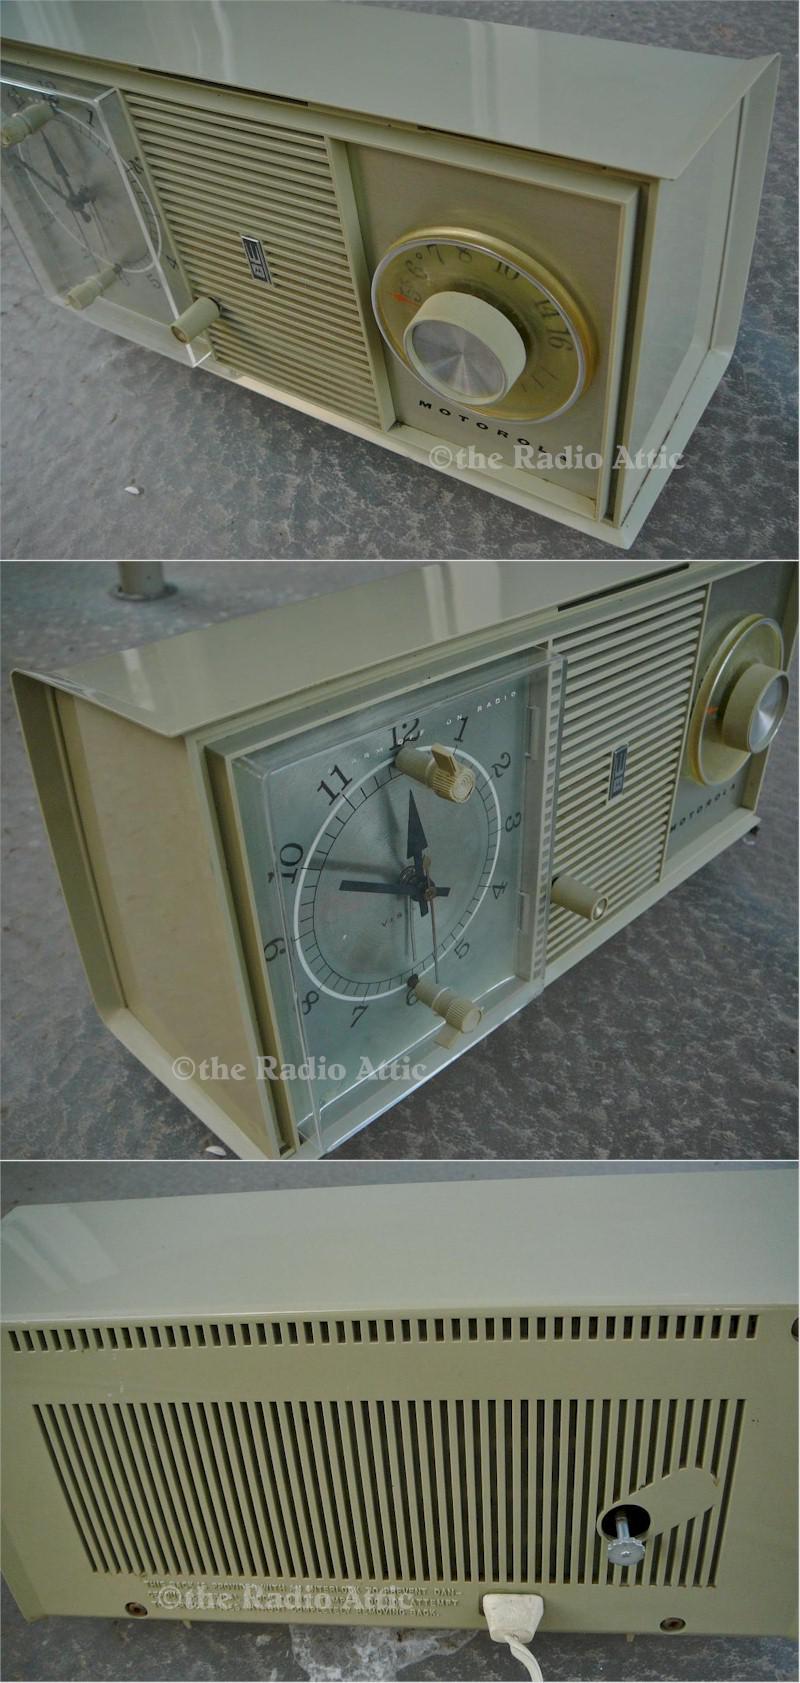 Motorola C34G Clock Radio - SOLD! - item number 1400091